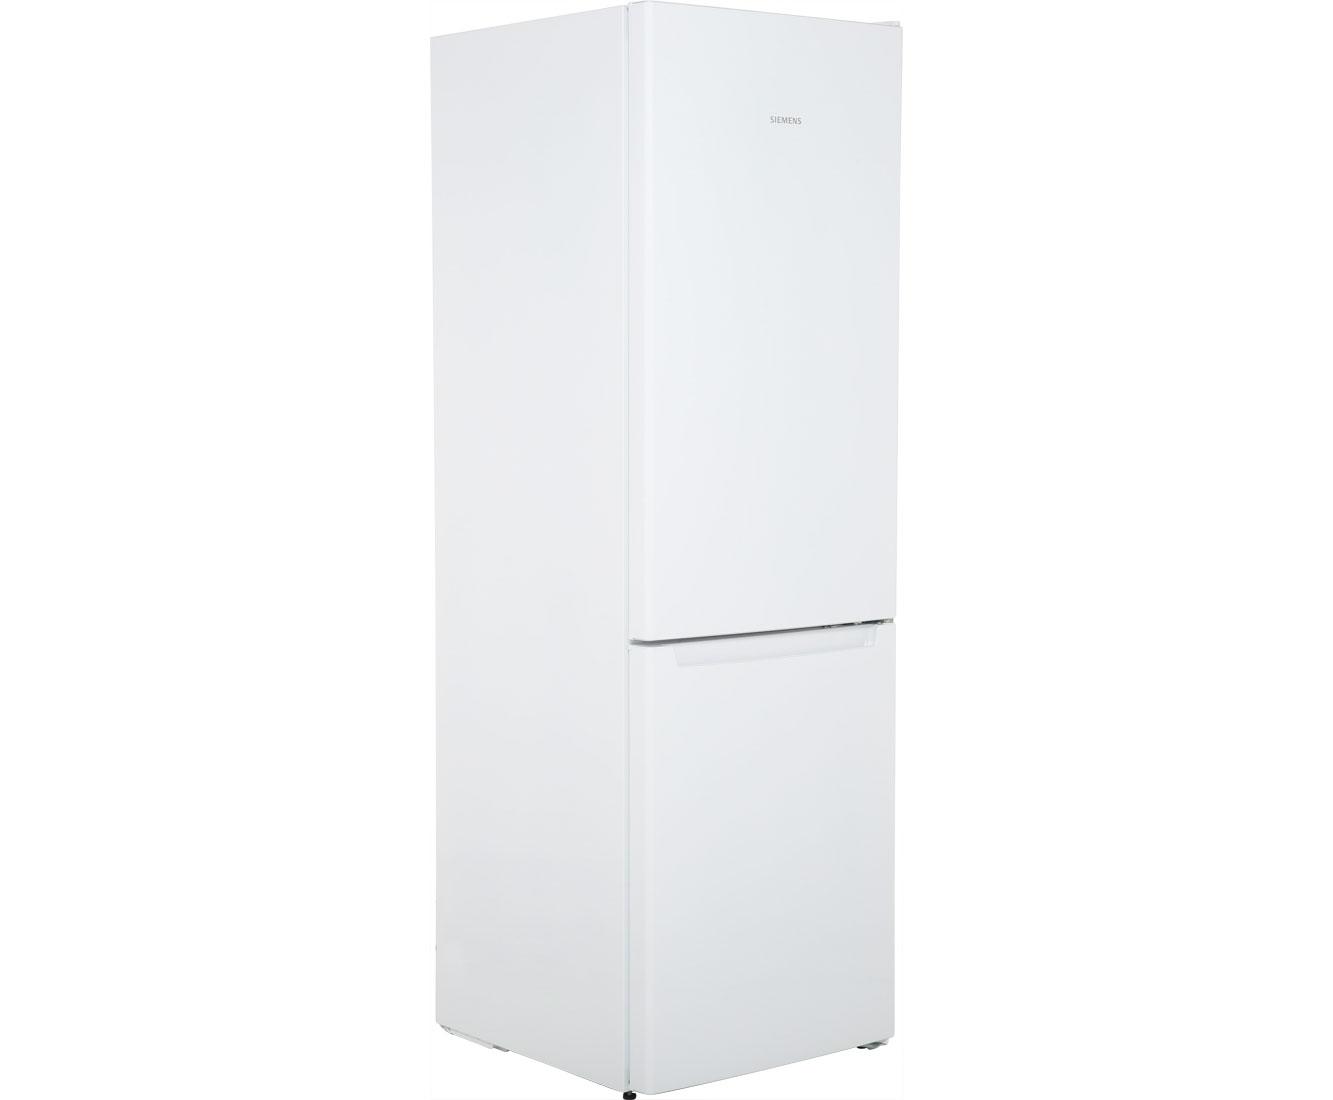 Siemens iQ100 KG36NNW30 Kühl-Gefrierkombinationen - Weiss